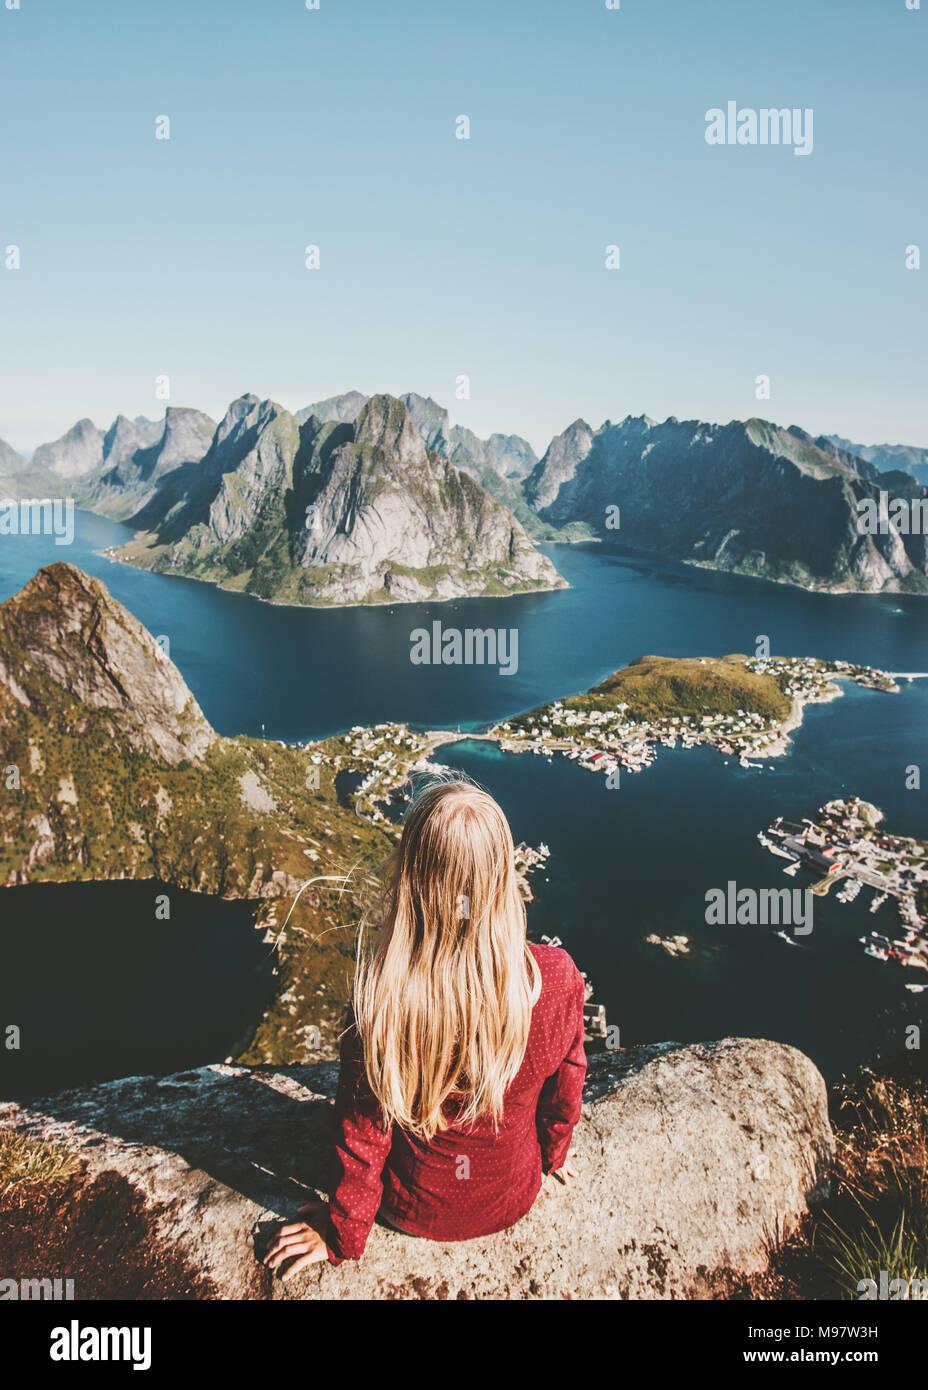 Frau genießen Antenne berge Reisen in Norwegen gesunder Lebensstil Konzept Abenteuer outdoor Sommer Urlaub Lofoten anzeigen Stockbild